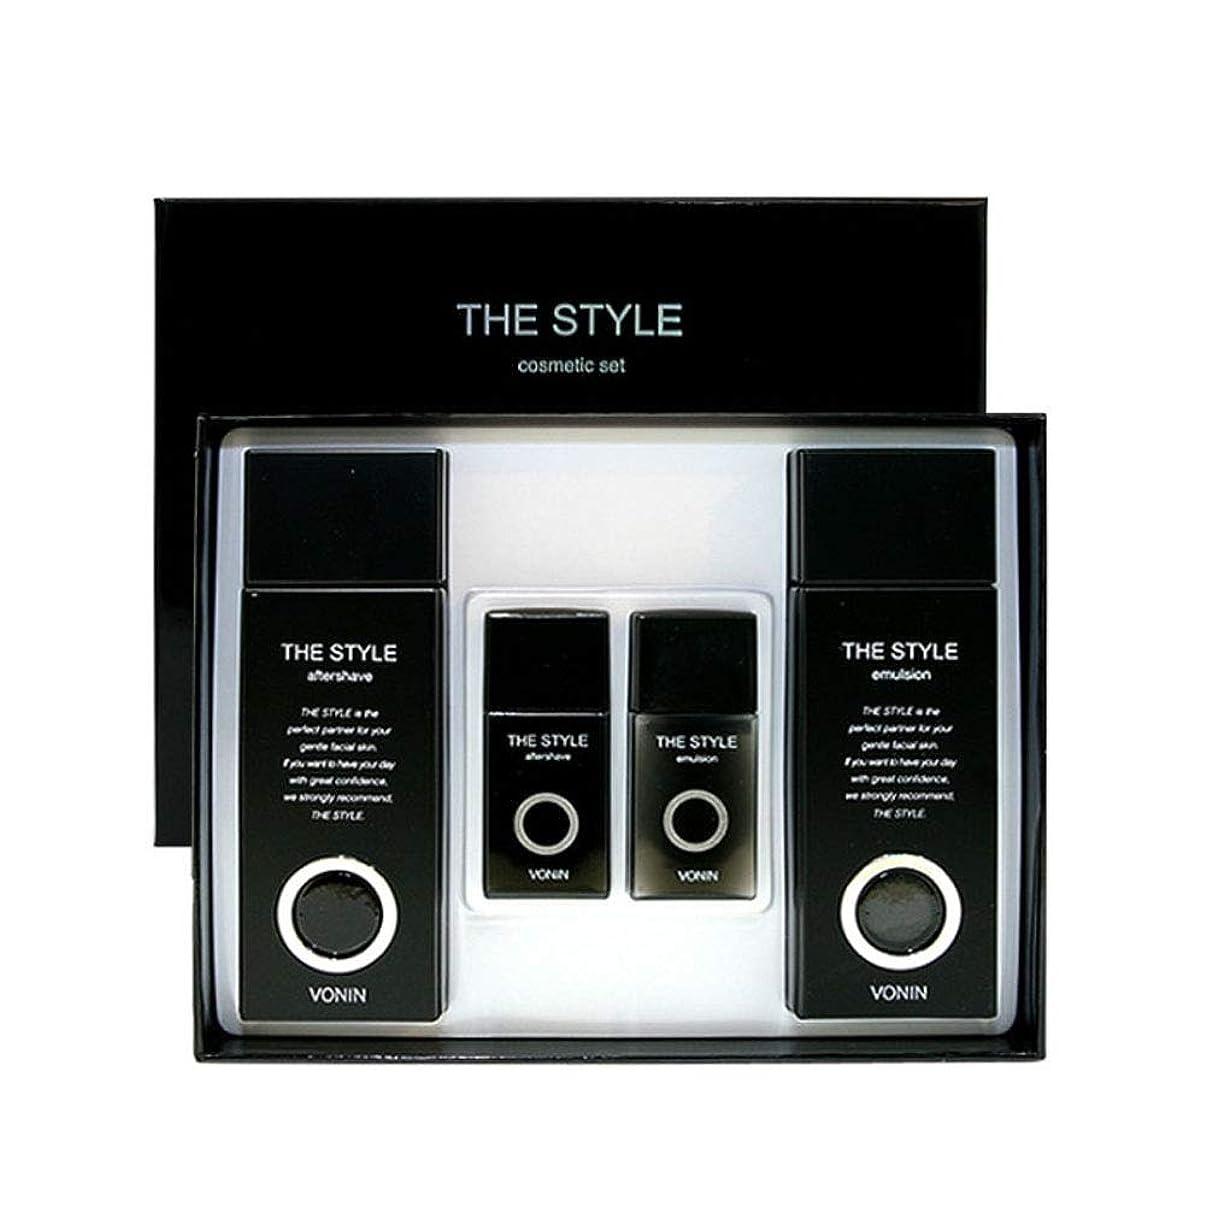 司教借りているダイヤルボニンダースタイルアフターシェーブ170ml(135+35)エマルジョン170ml(135+35)セットメンズコスメ韓国コスメ、VONIN The Style Aftershave 170ml(135+35) Emulsion 170ml(135+35) Set Men's Cosmetics Korean Cosmetics [並行輸入品]